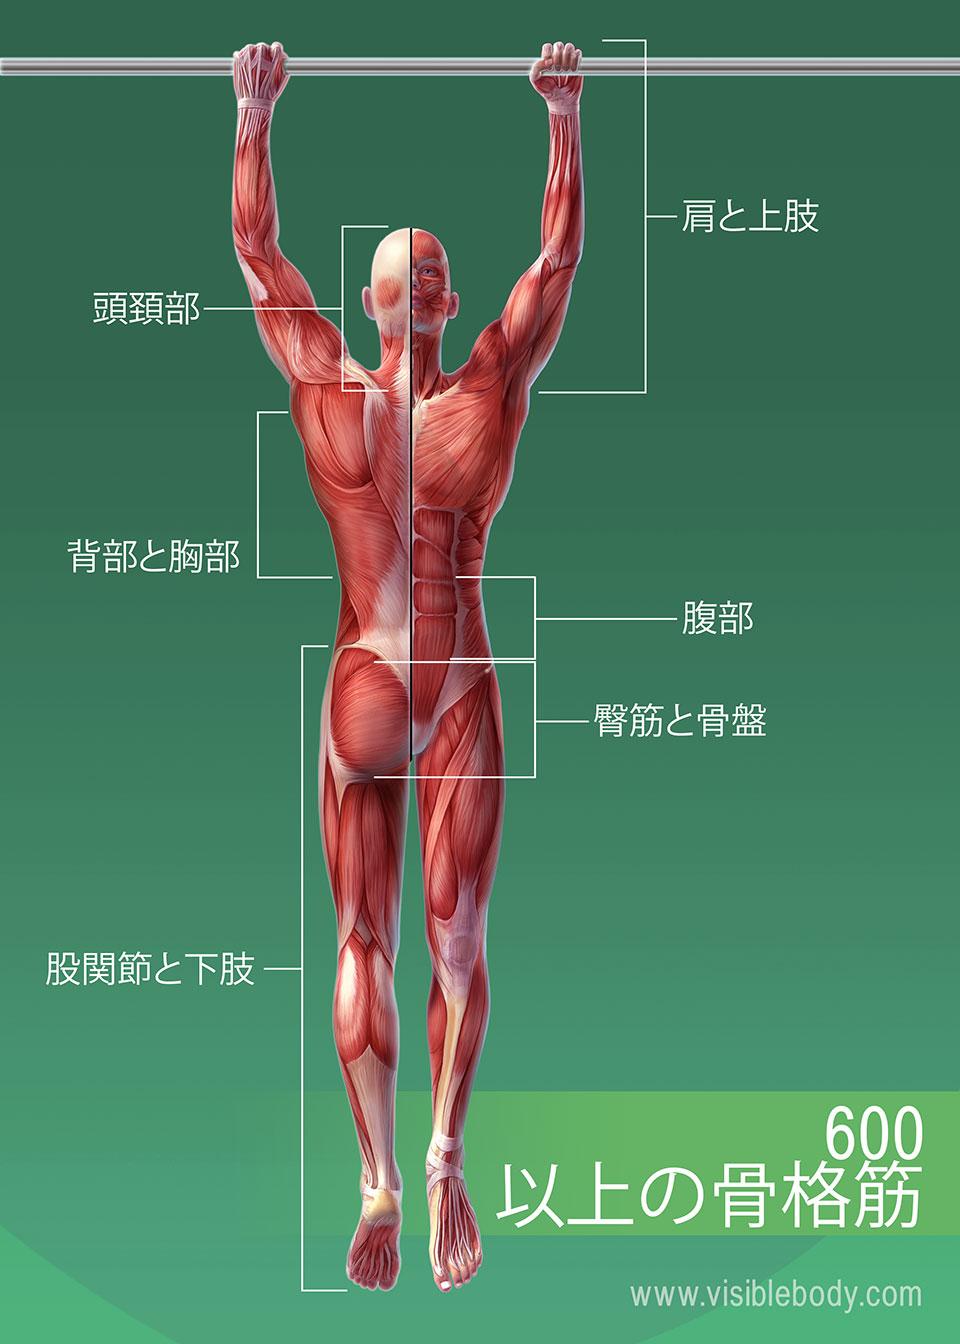 600を超える-骨格-筋